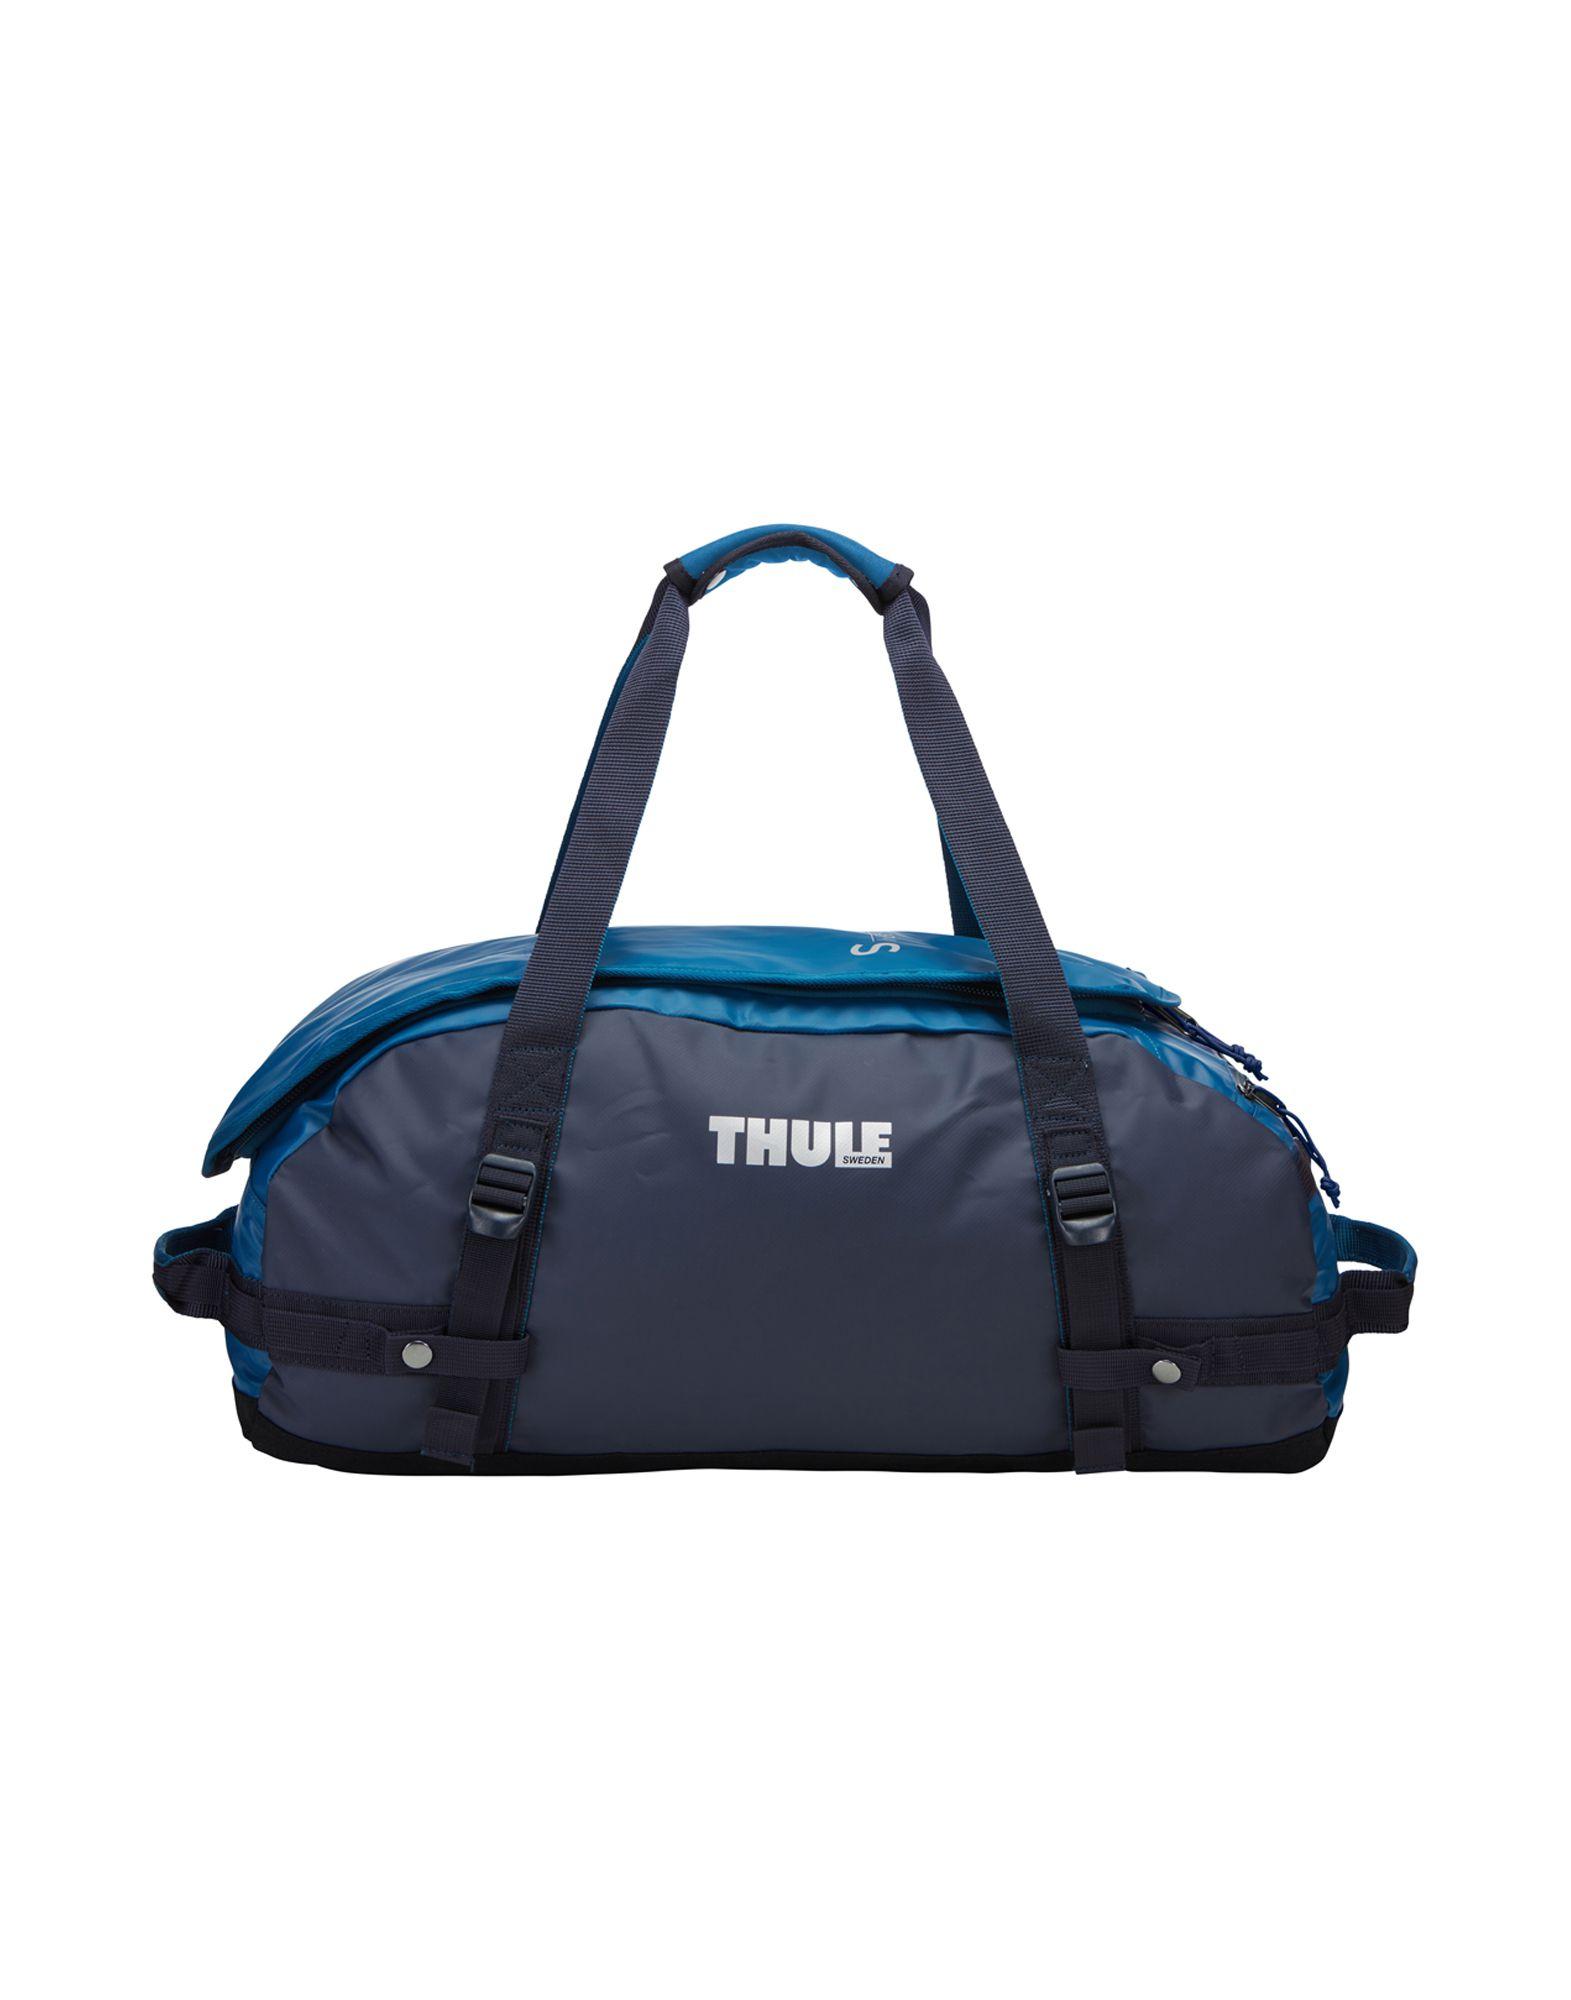 Borsone Thule® Chasm Duffel Xl 130L - Uomo - Acquista online su